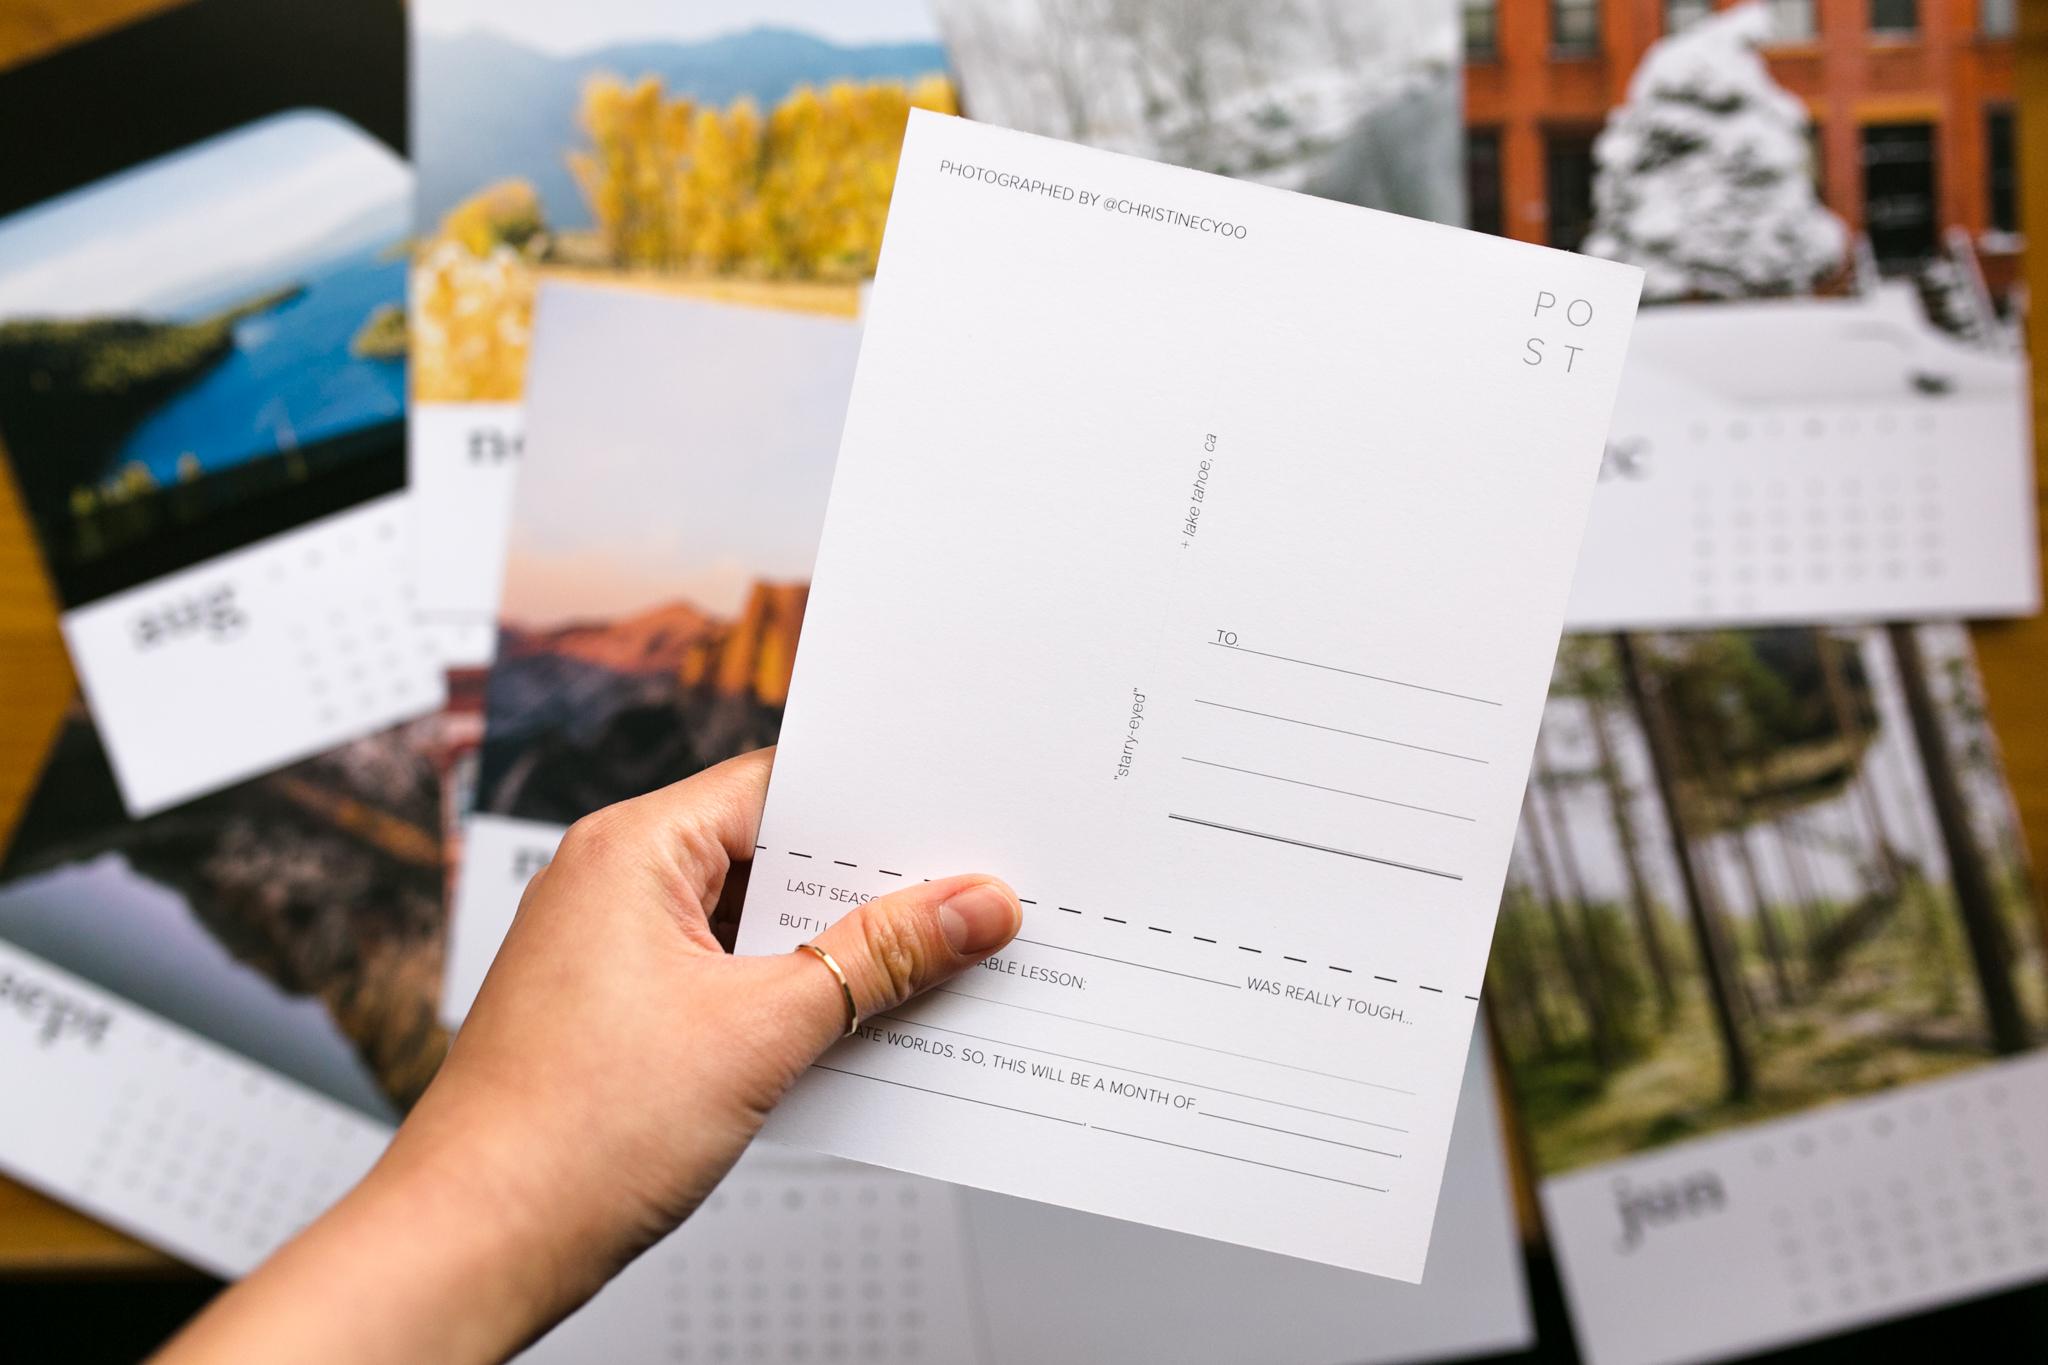 postcardcalendar.jpg